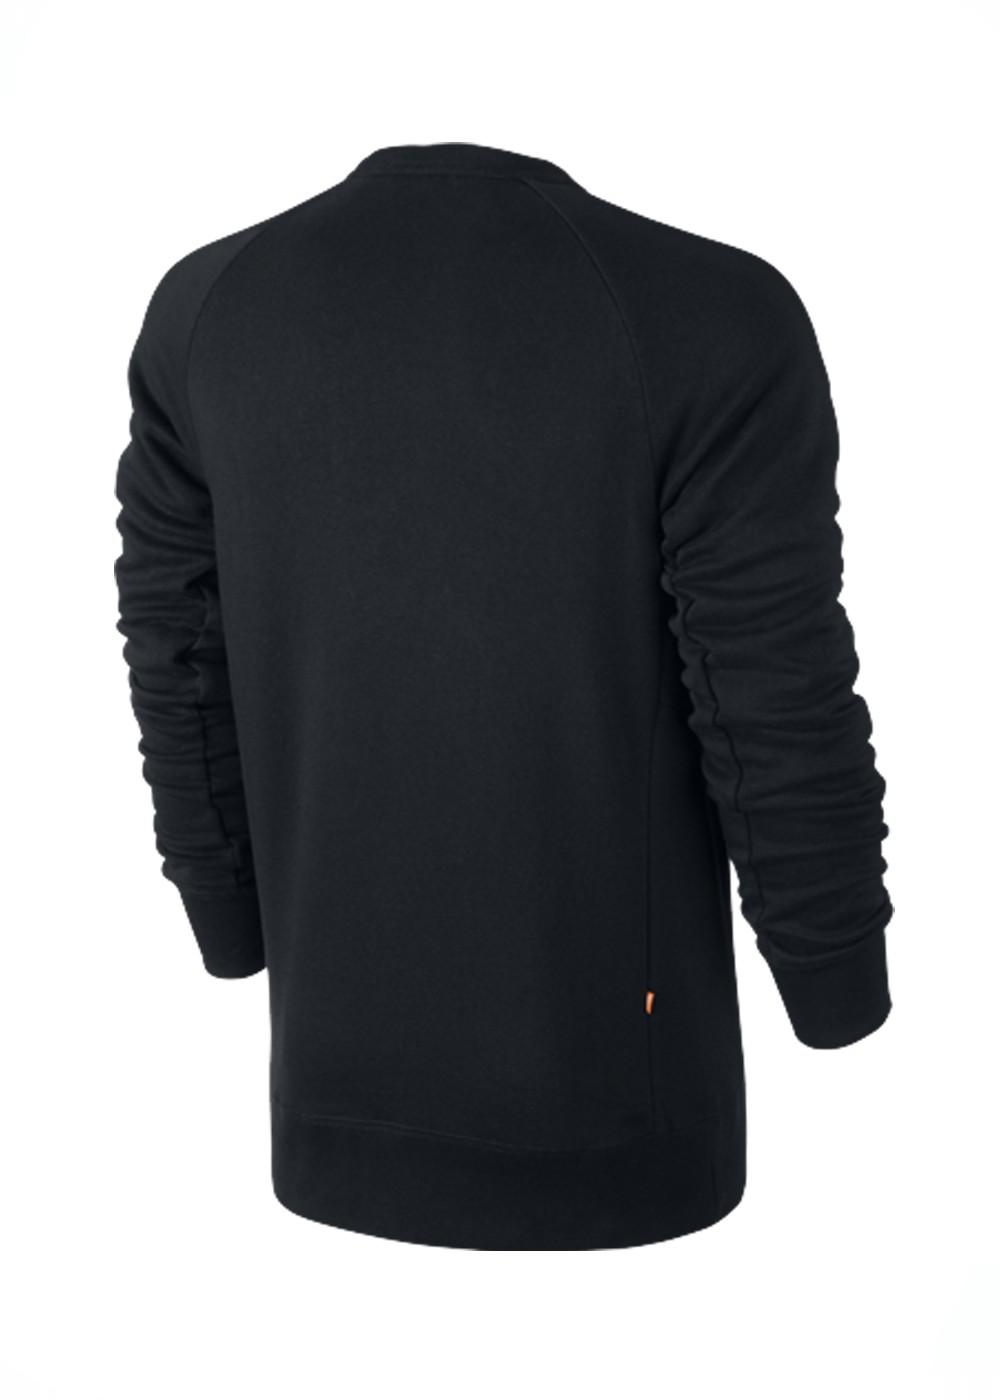 niższa cena z ekskluzywne oferty przejść do trybu online Bluza Nike Sb x Polar Icon Fleece